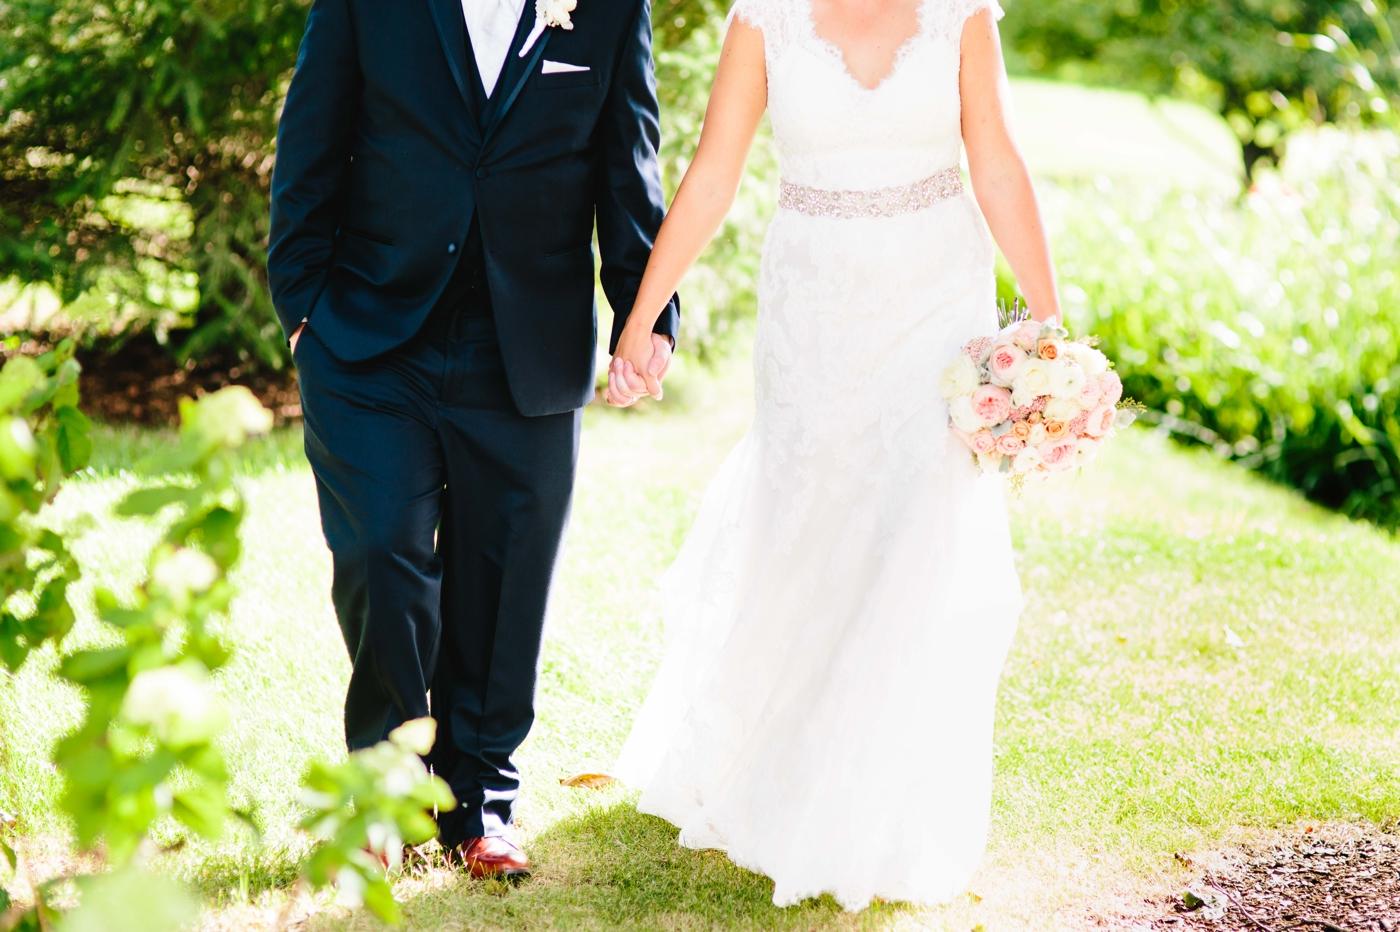 chicago-fine-art-wedding-photography-neuendank31